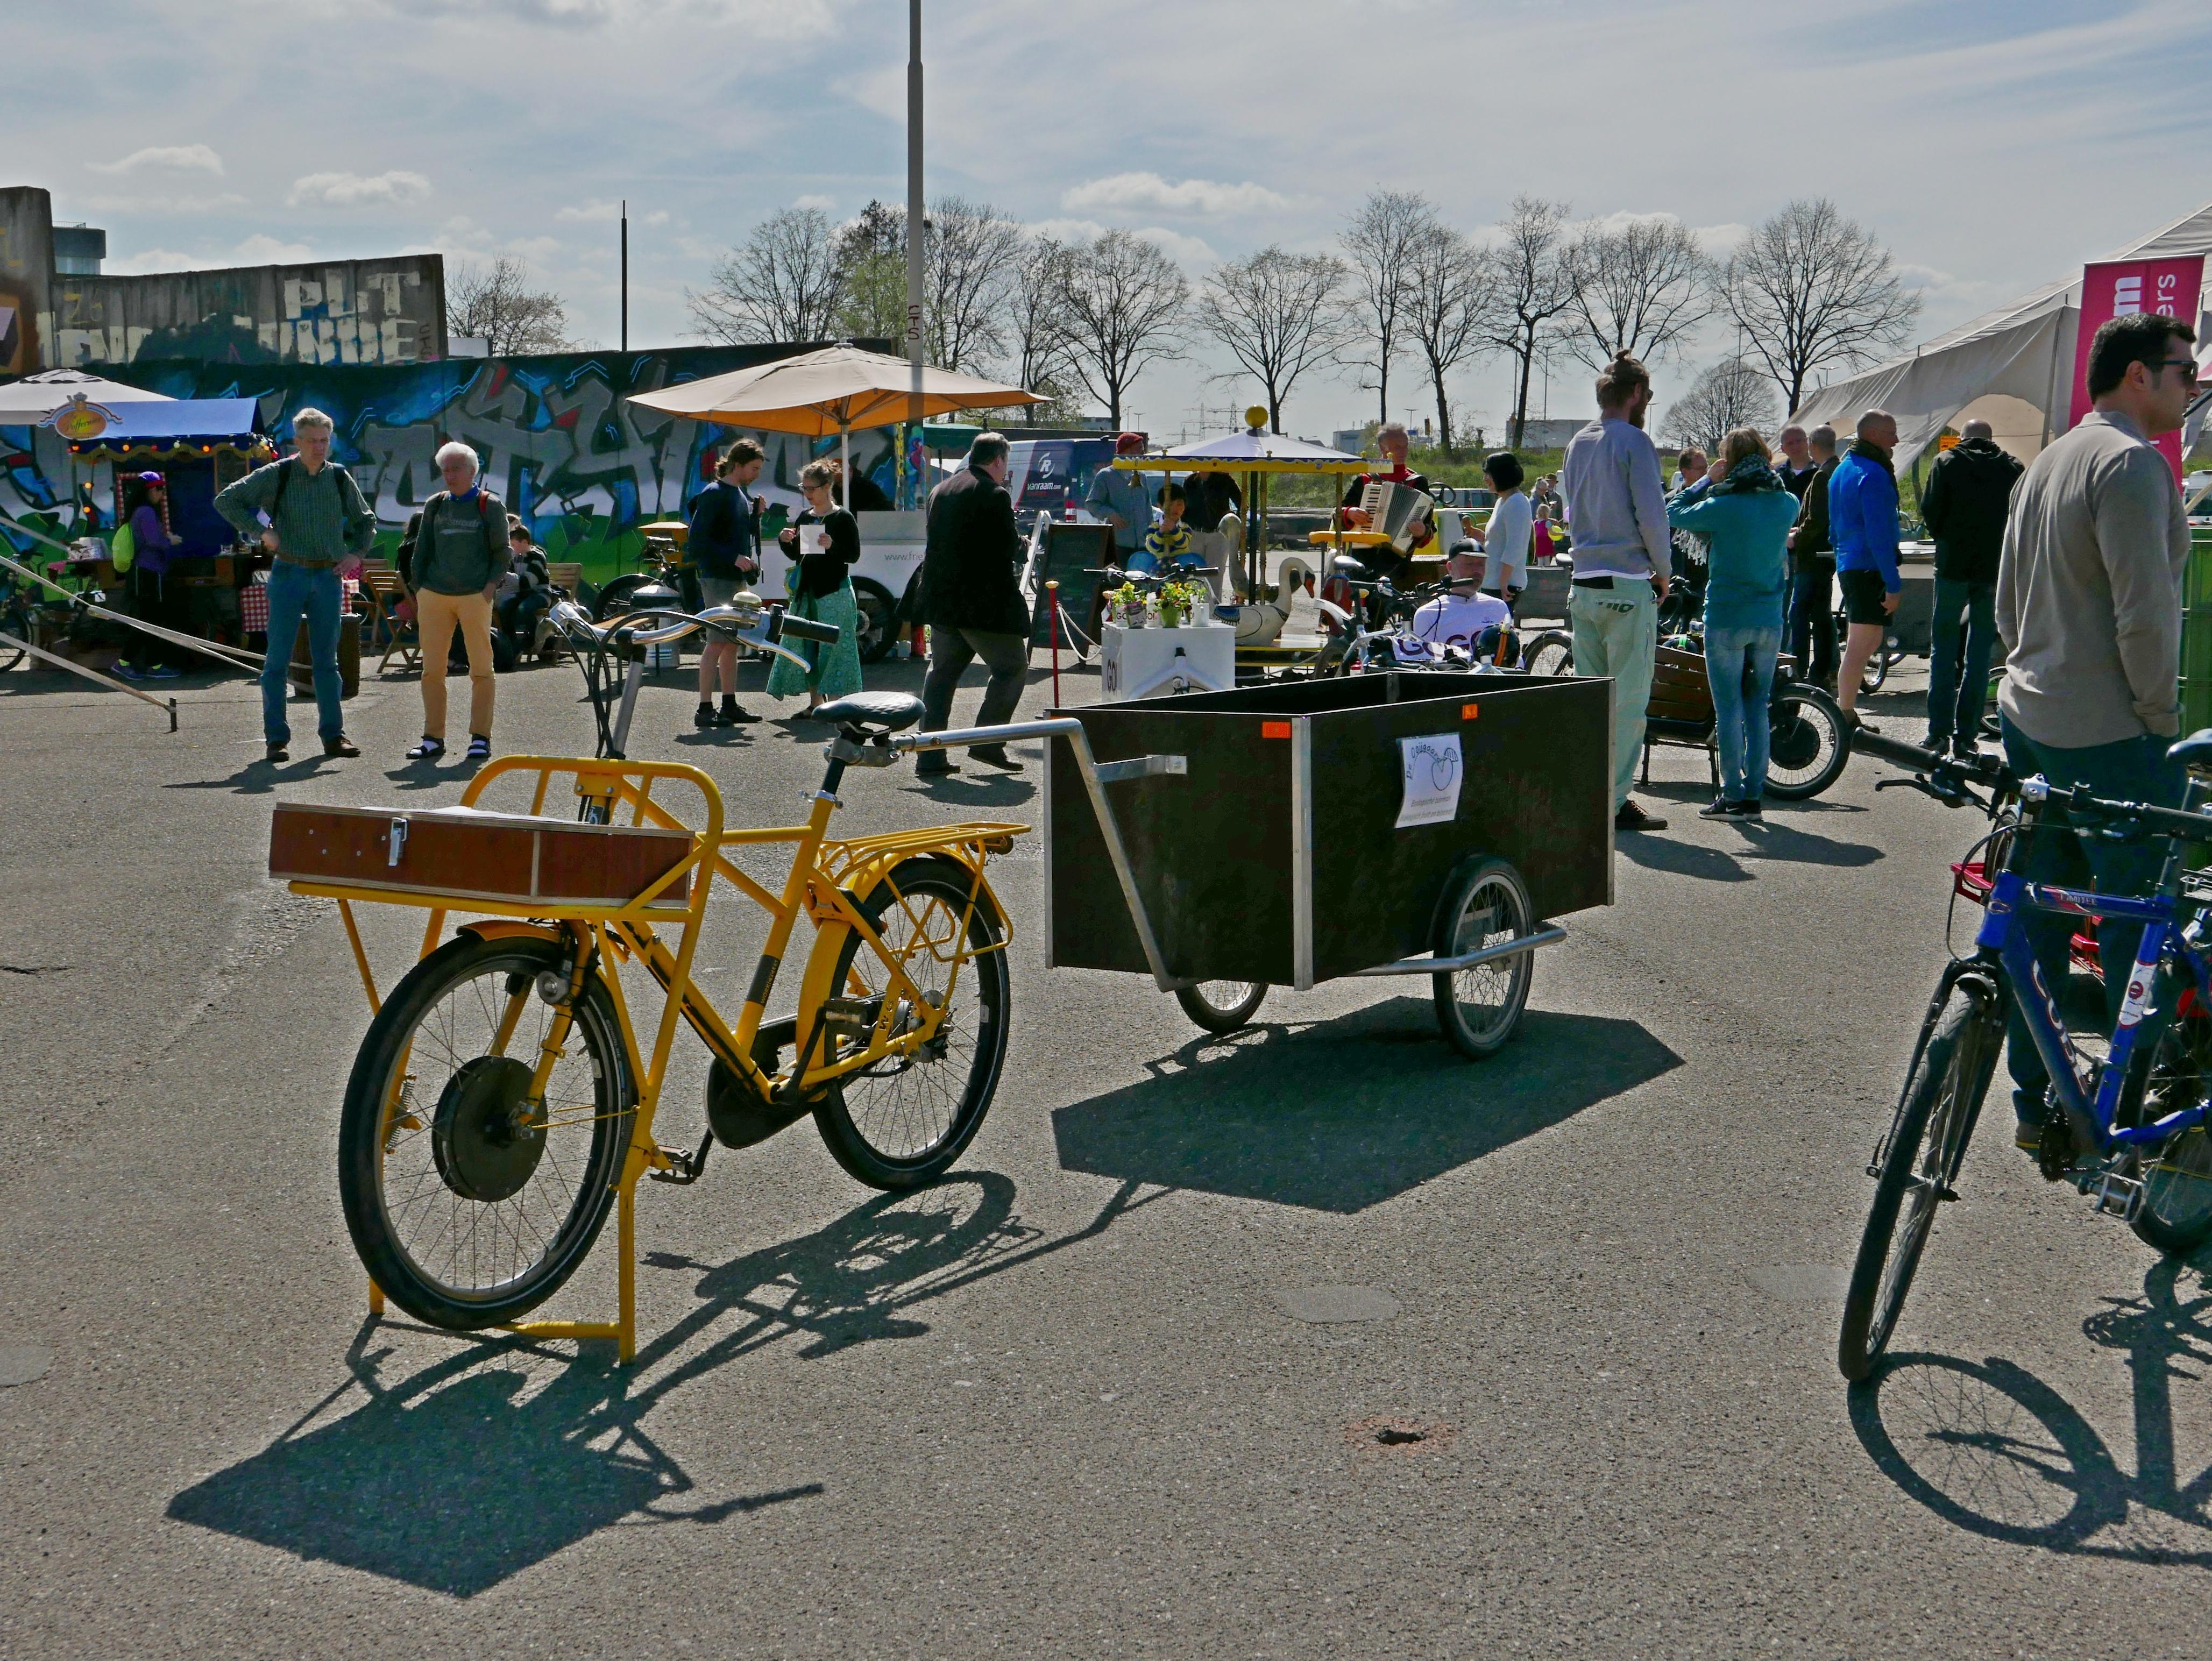 fiets met aanhanger bij Bakfietstreffen